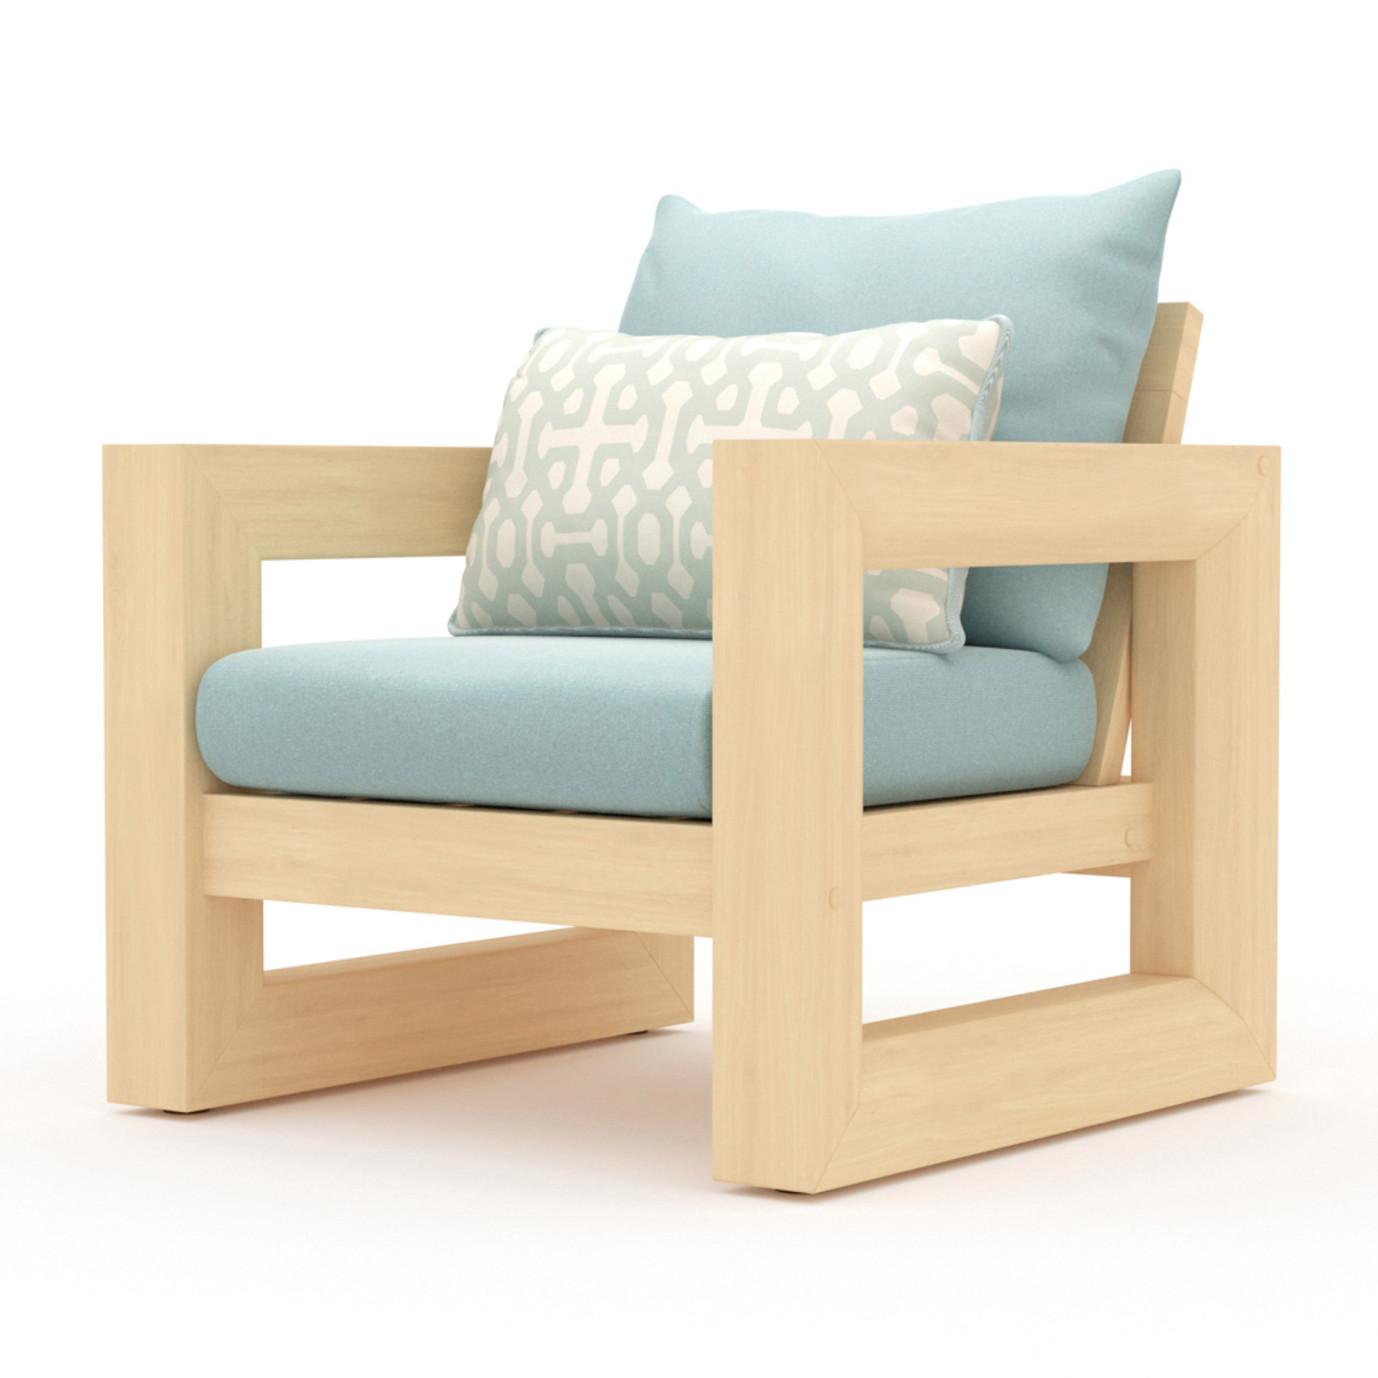 Benson 8pc Sofa & Club Chair Set - Spa Blue